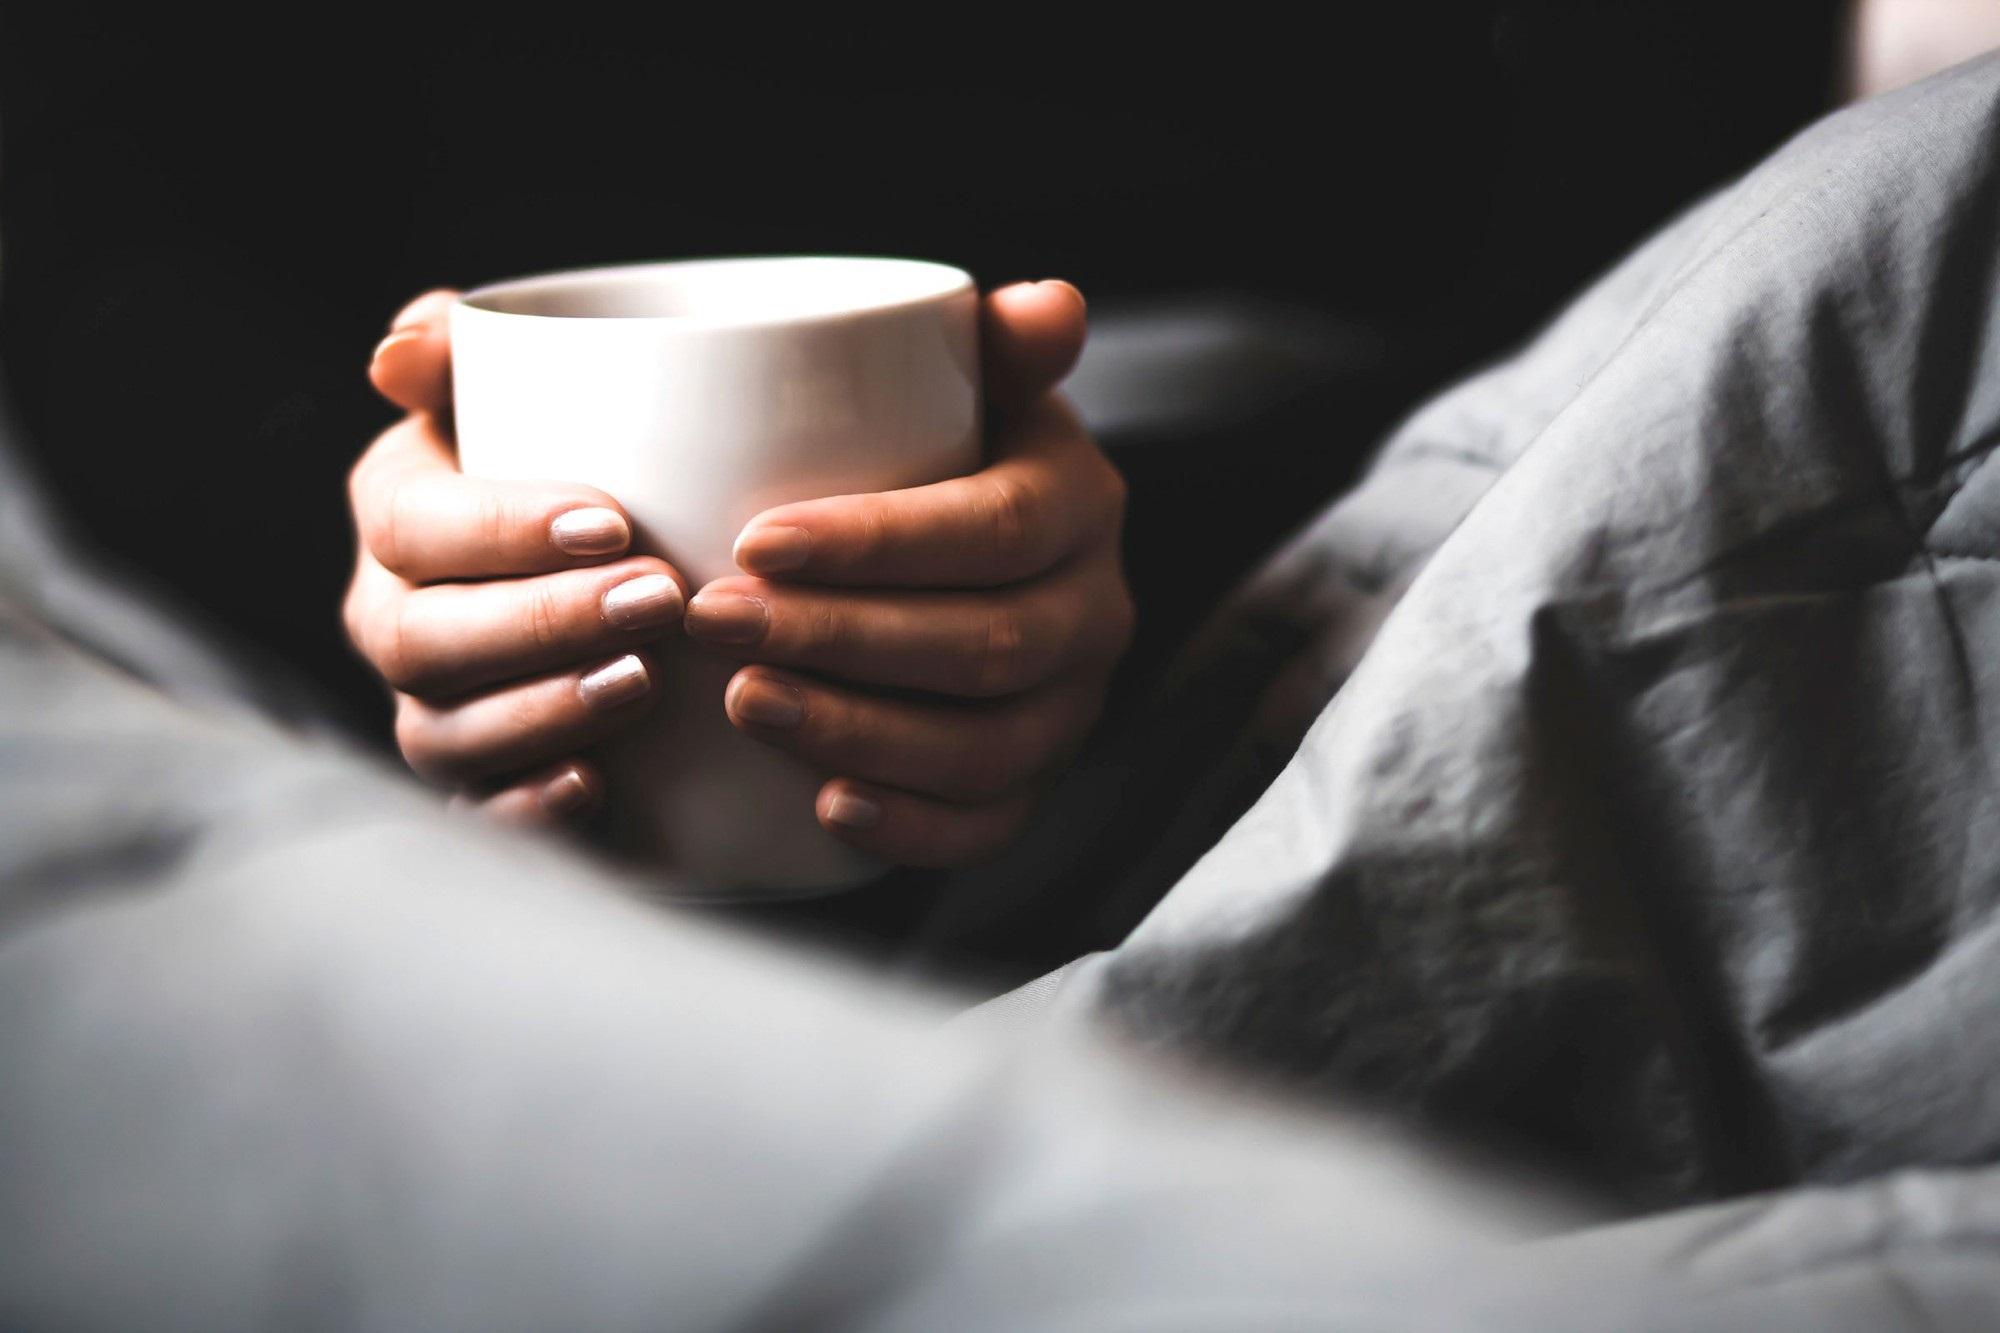 Mất ngủ thường xuyên vì tình trạng tiểu đêm, tuyệt đối đừng chủ quan bỏ qua những nguyên nhân này - Ảnh 2